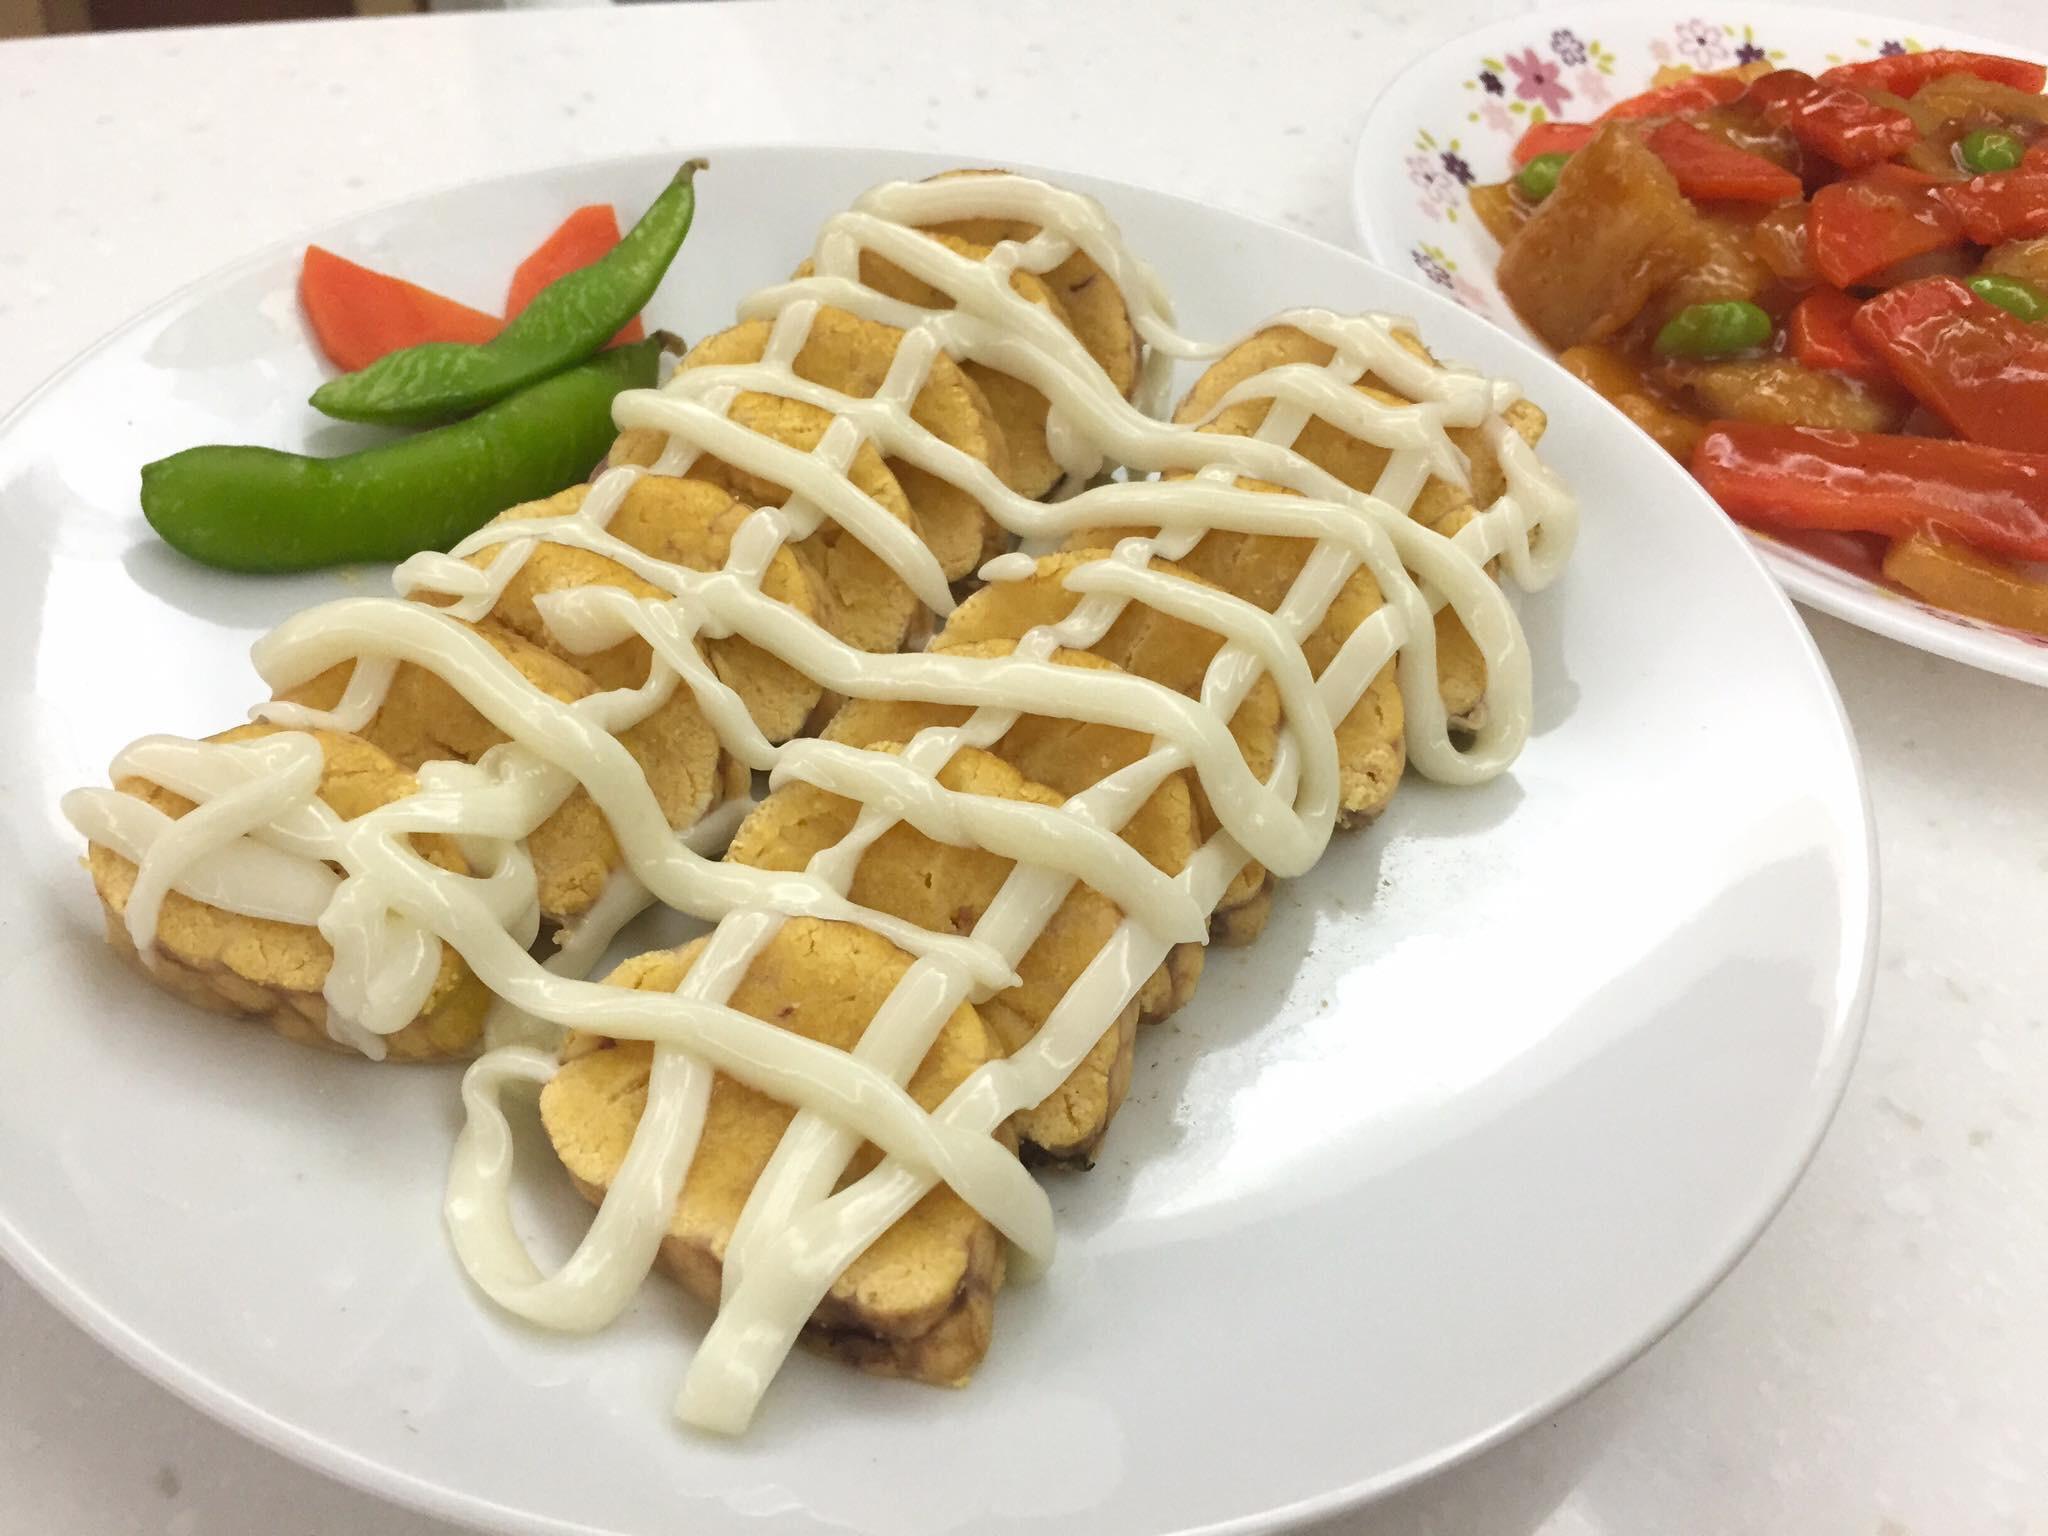 魚卵沙拉開胃冷盤[圈媽烹飪筆記]